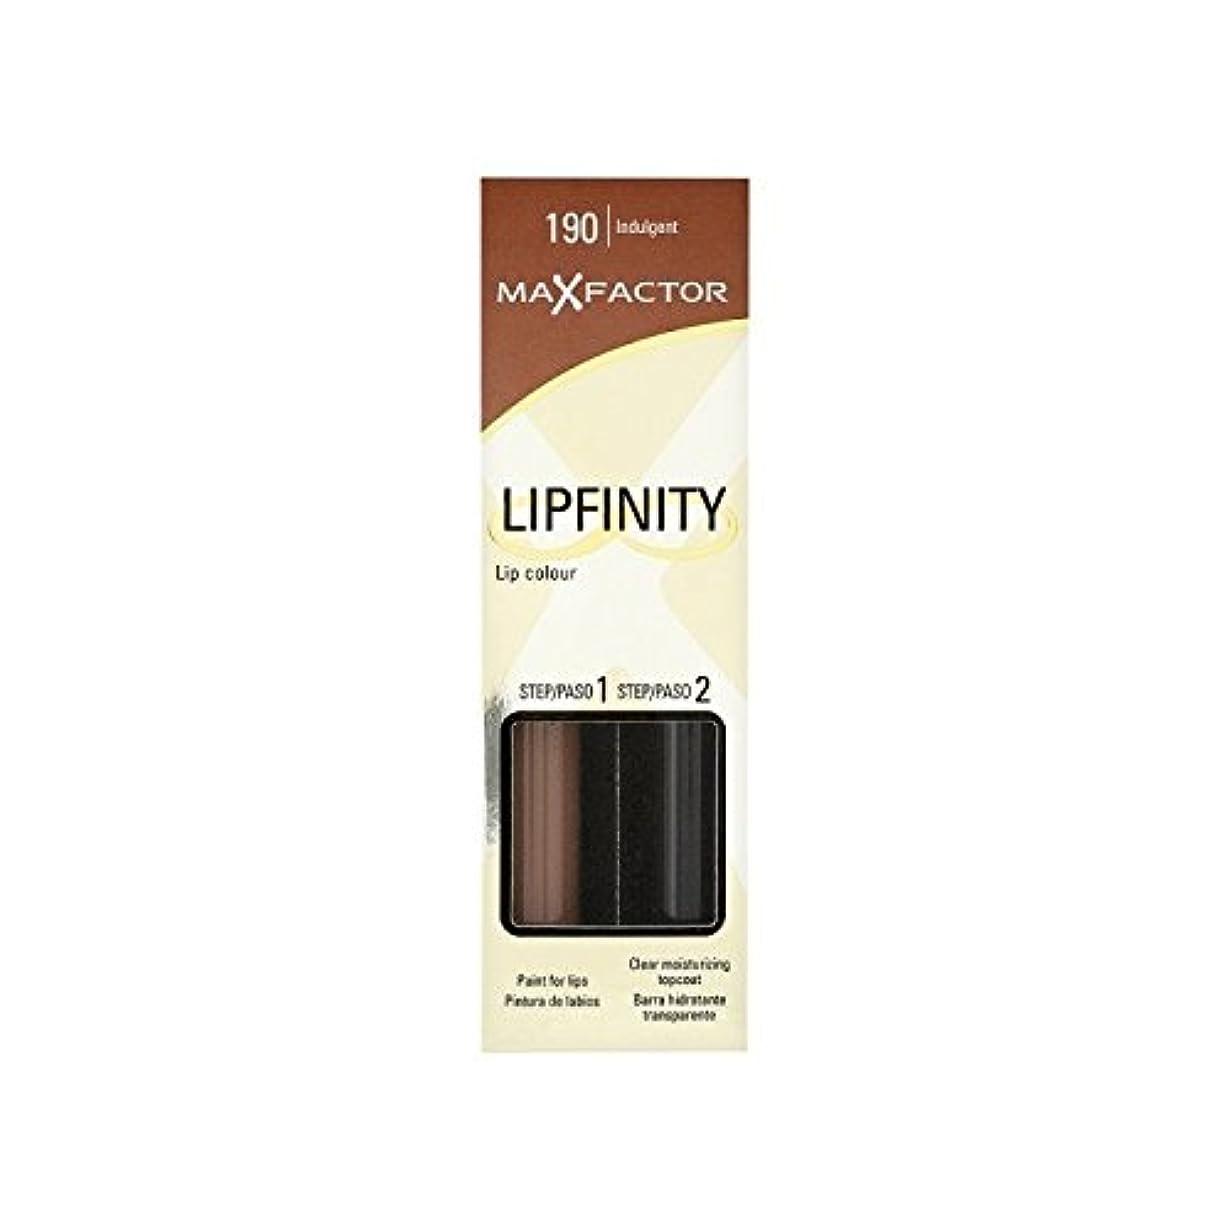 促進する五おびえたMax Factor Lipfinity Longwear Lipstick Indulgent 190 (Pack of 6) - マックスファクターの口紅甘い190 x6 [並行輸入品]